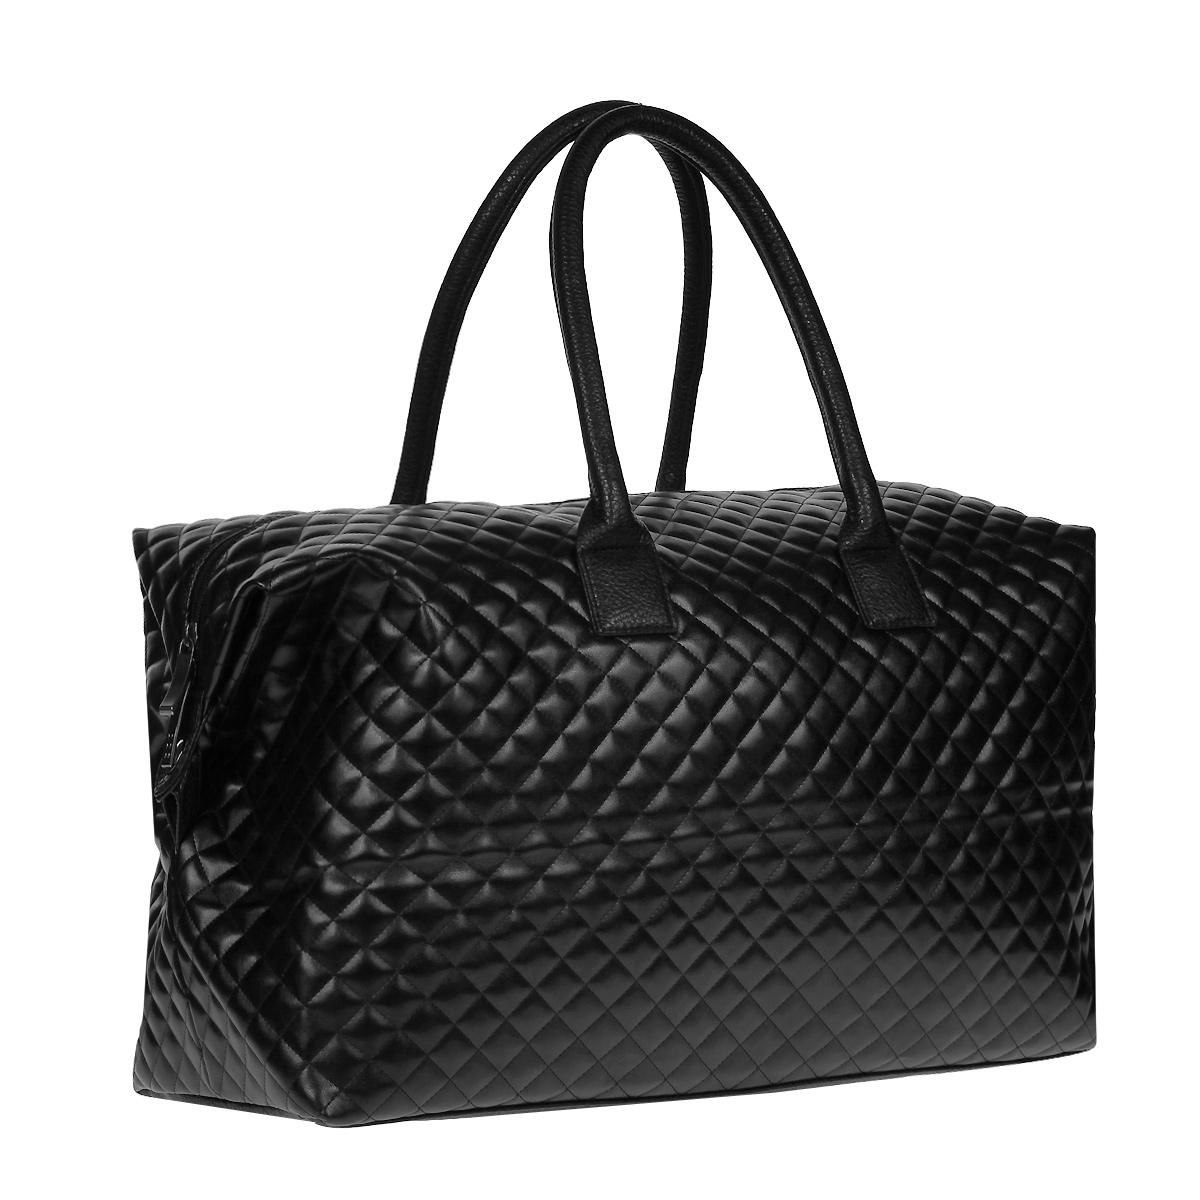 Сумка дорожная Antan, цвет: черный. 2-379S76245Вместительная дорожная сумка Antan выполнена из искусственной кожи. Внутри сумка состоит из одного отделения и закрывается на застежку-молнию. Внутри - плоский карман на застежке-молнии. Дно сумки уплотненное. Сумка оснащена двумя удобными ручками. Такая модель отлично подойдет для поездок.